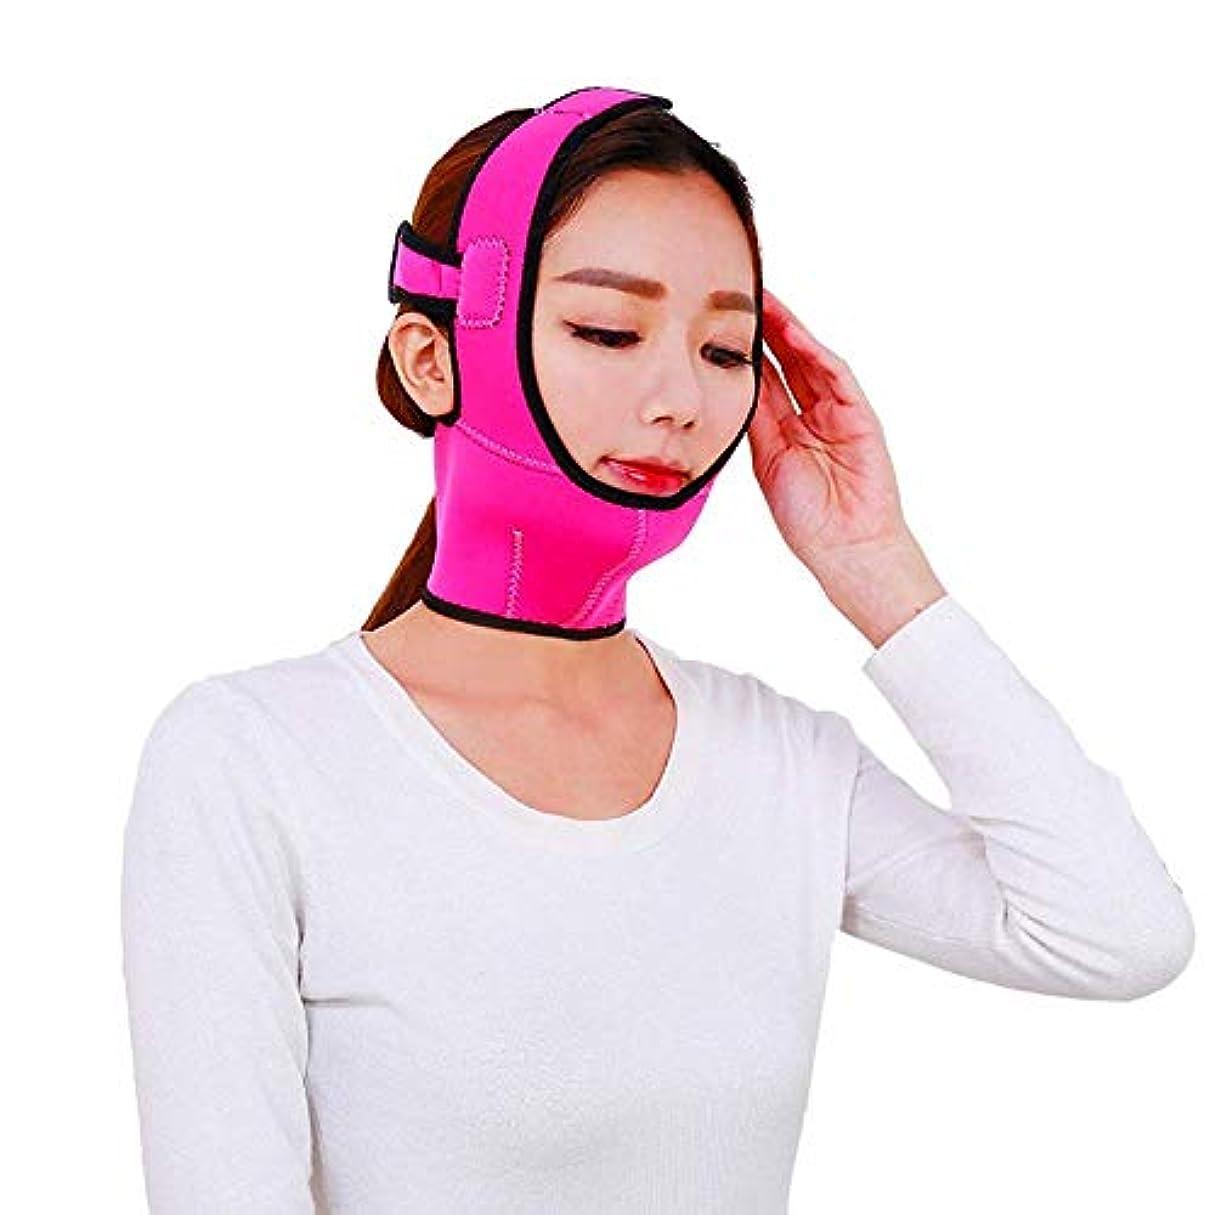 強います花婿レベル二重あごの顔の持ち上がるマスクVfaceの顔の小さい顔の持ち上がる用具をきつく締める通気性の顔の持ち上がる包帯